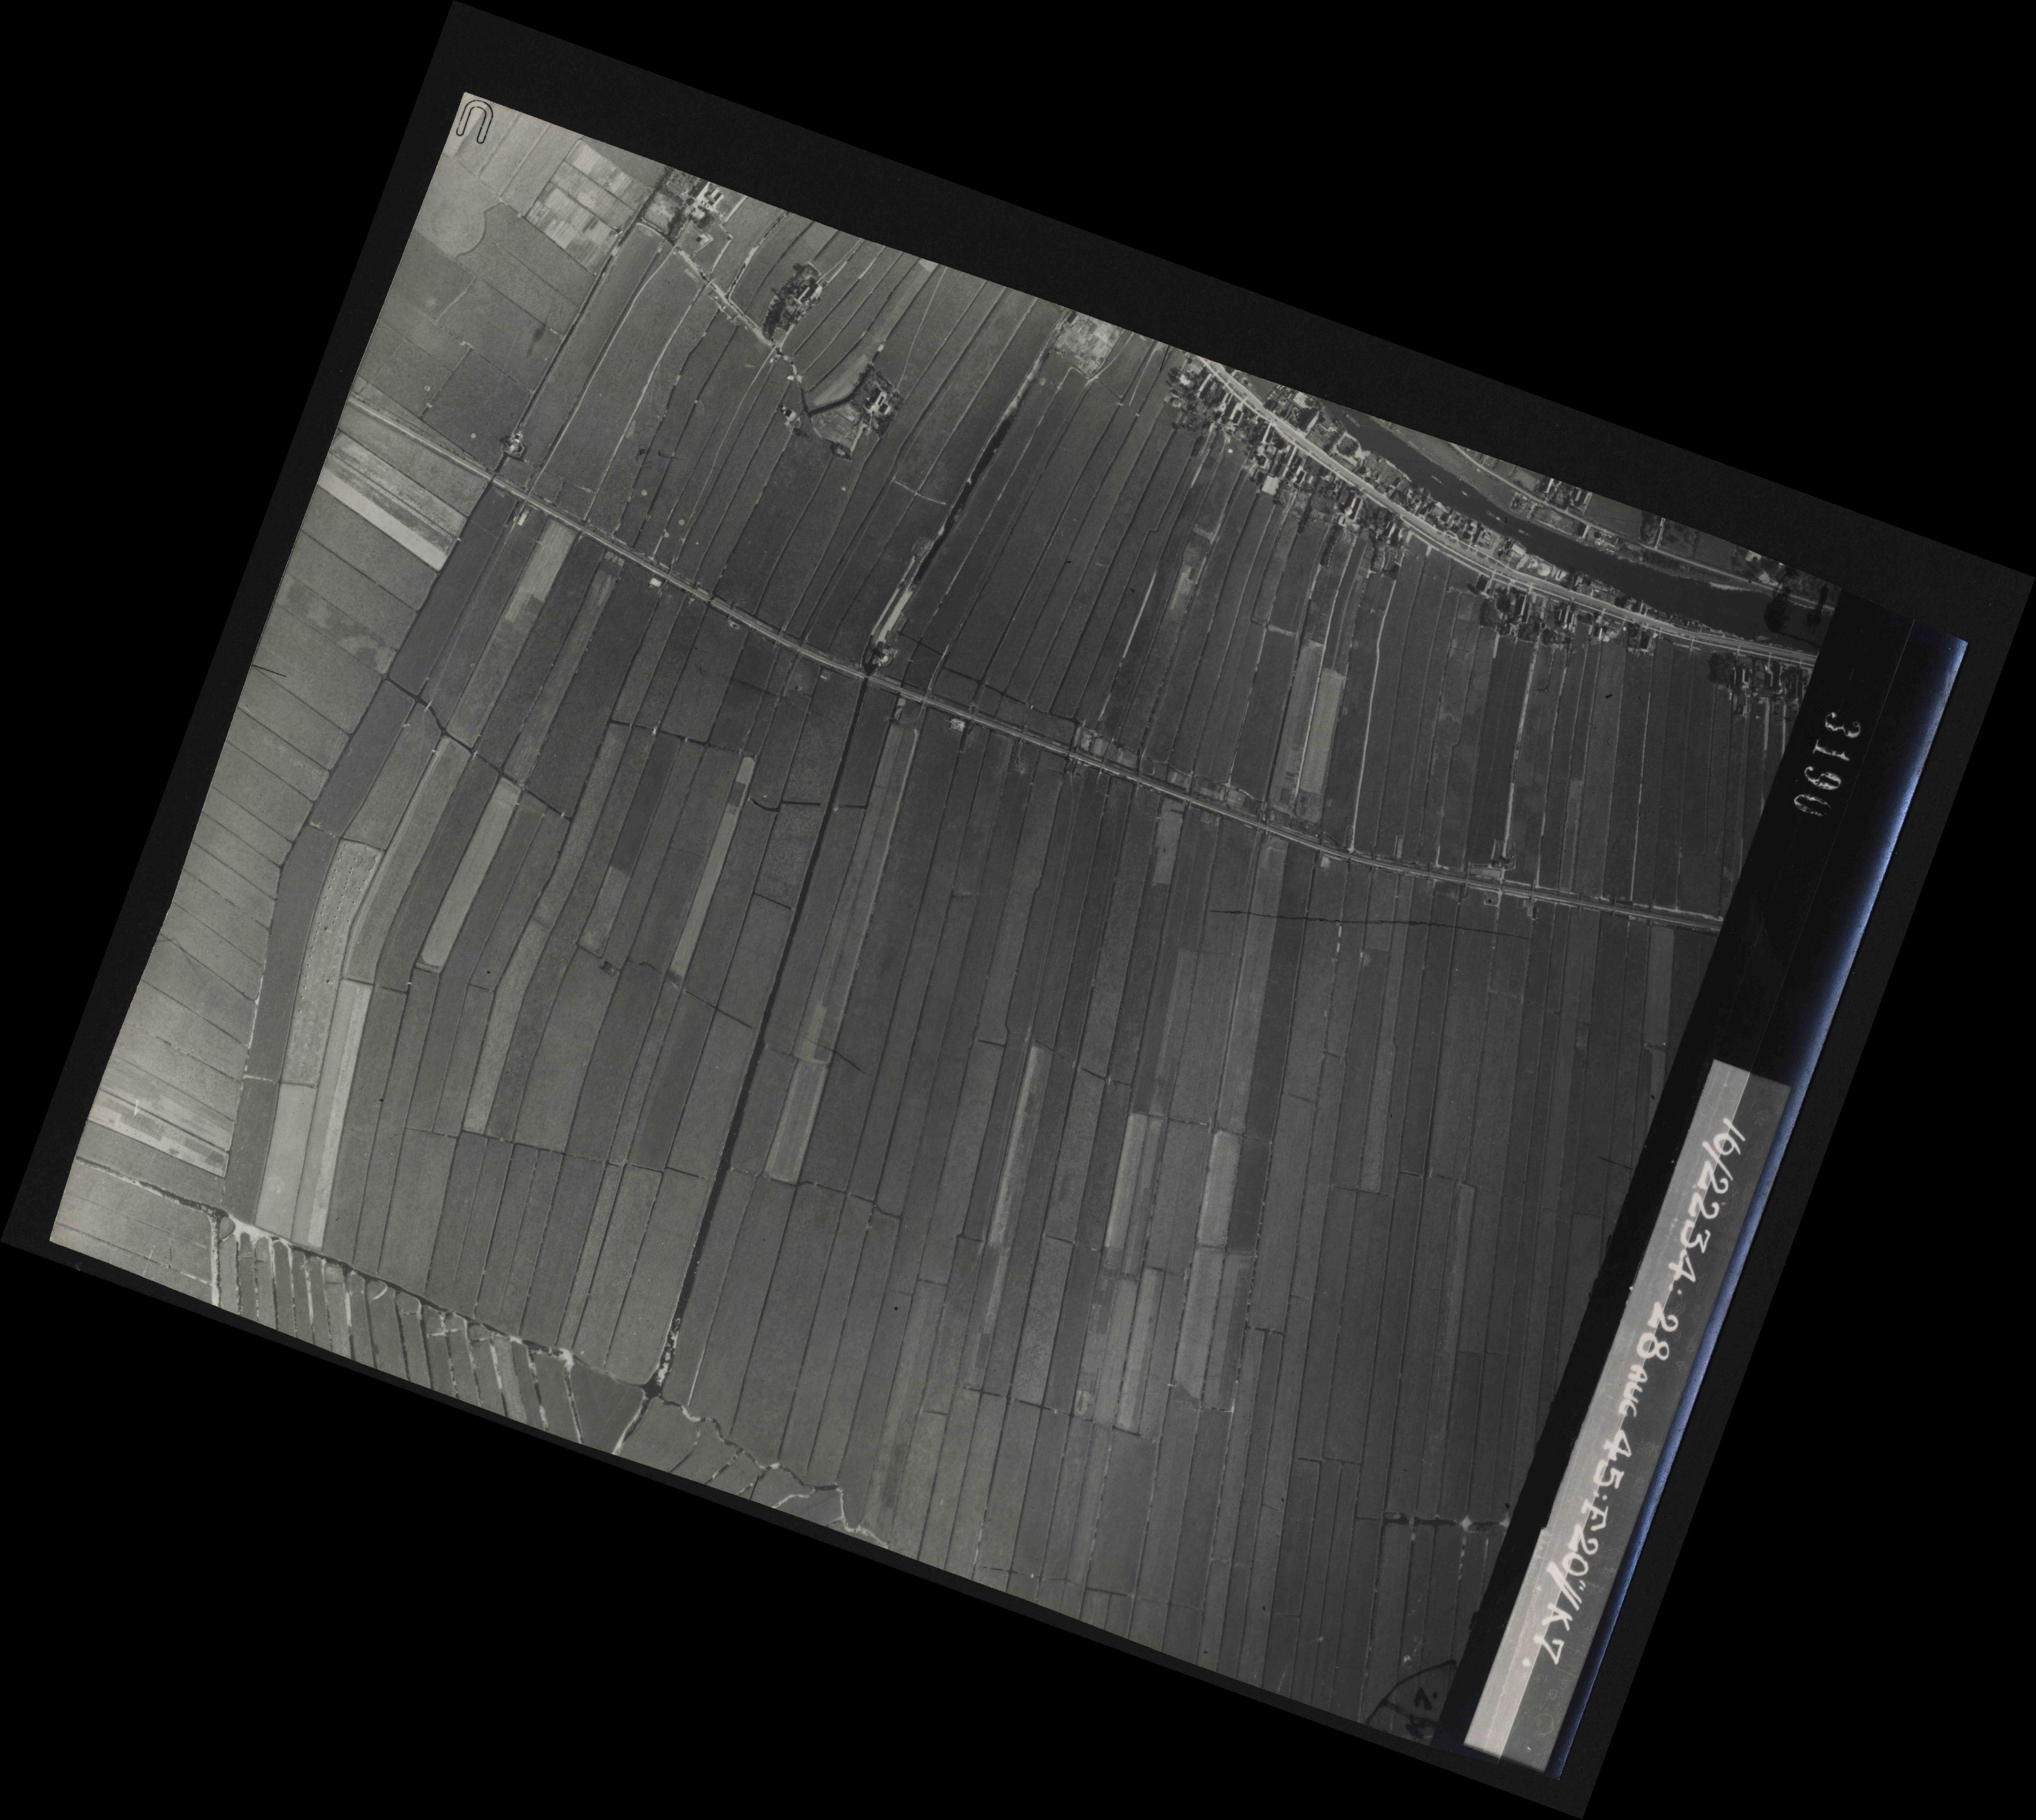 Collection RAF aerial photos 1940-1945 - flight 031, run 02, photo 3190